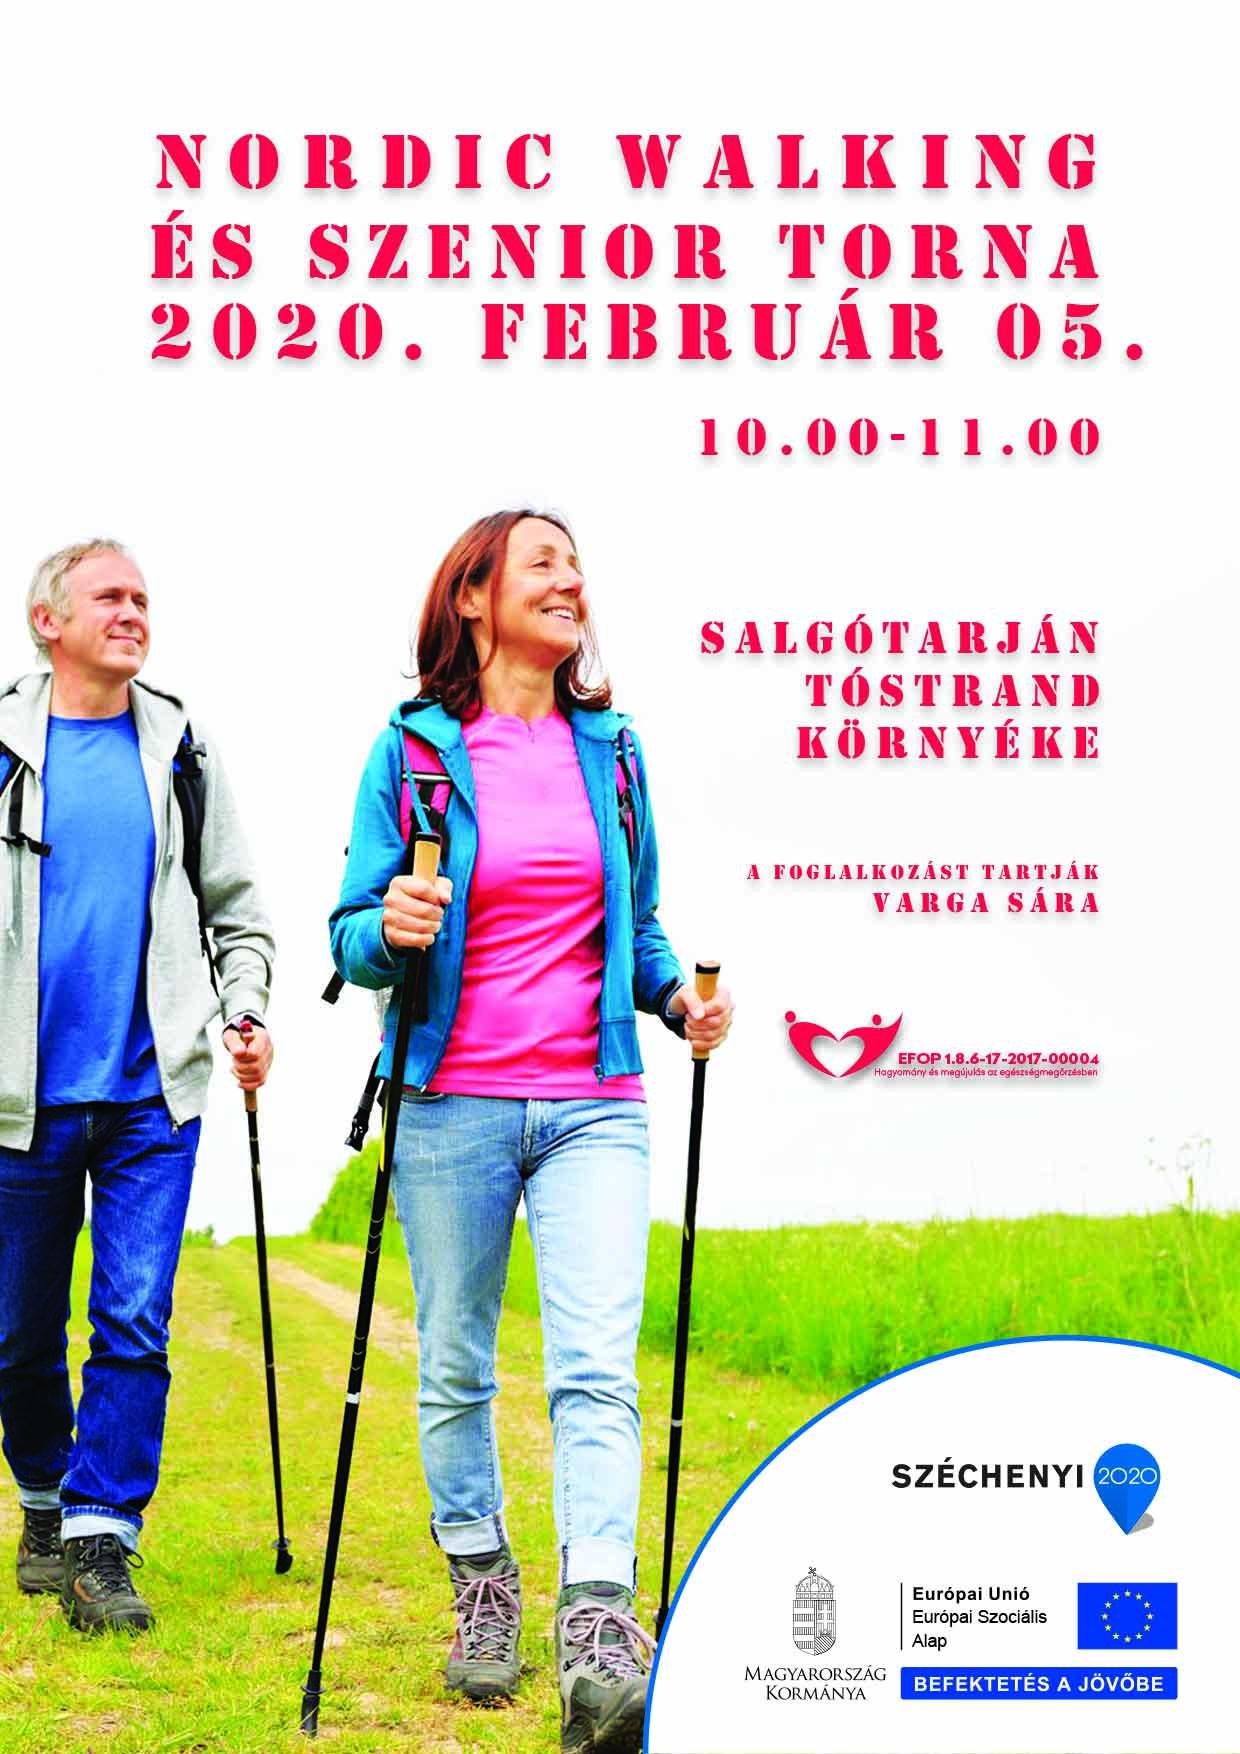 Salgótarján – Nordic Walking és Szenior torna – 2020. február 05.